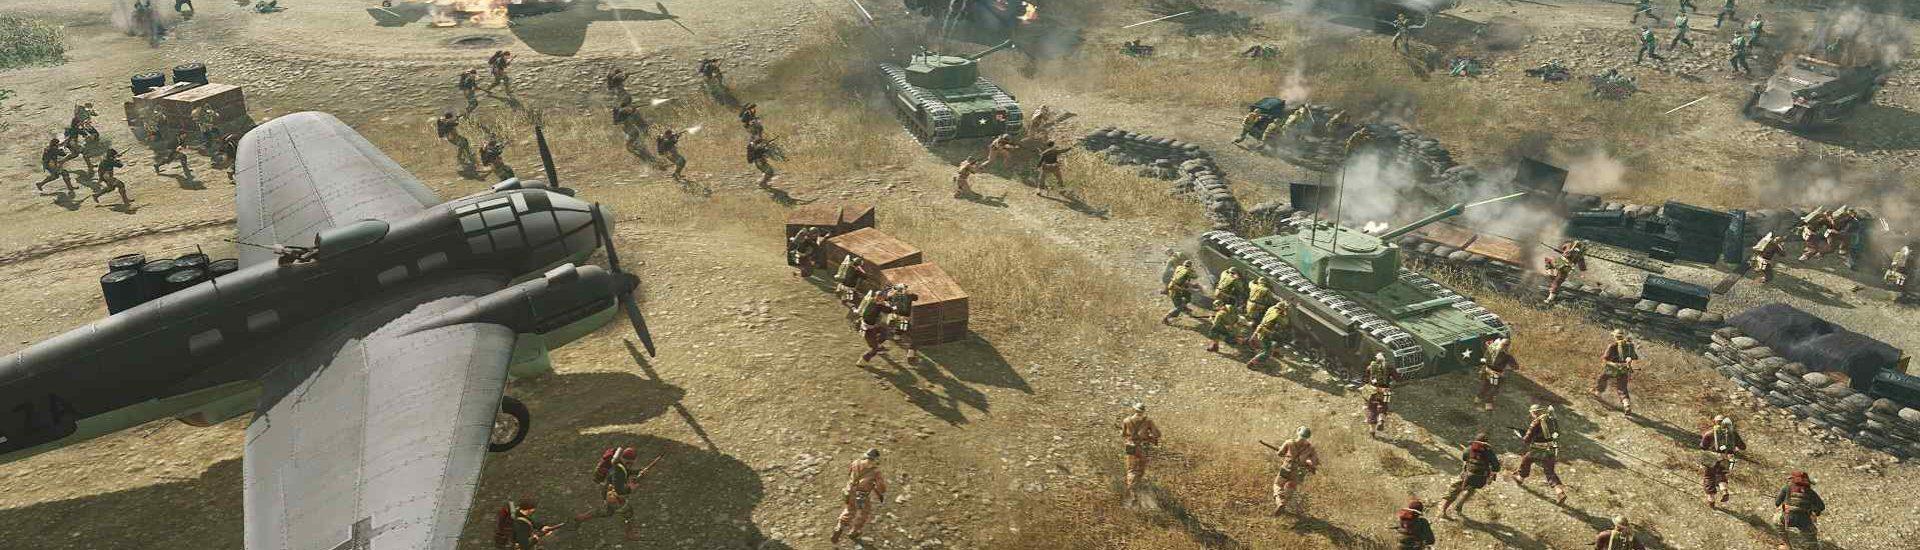 Company of Heroes 3: Zweite Weltkriegs-RTS kehrt zurück